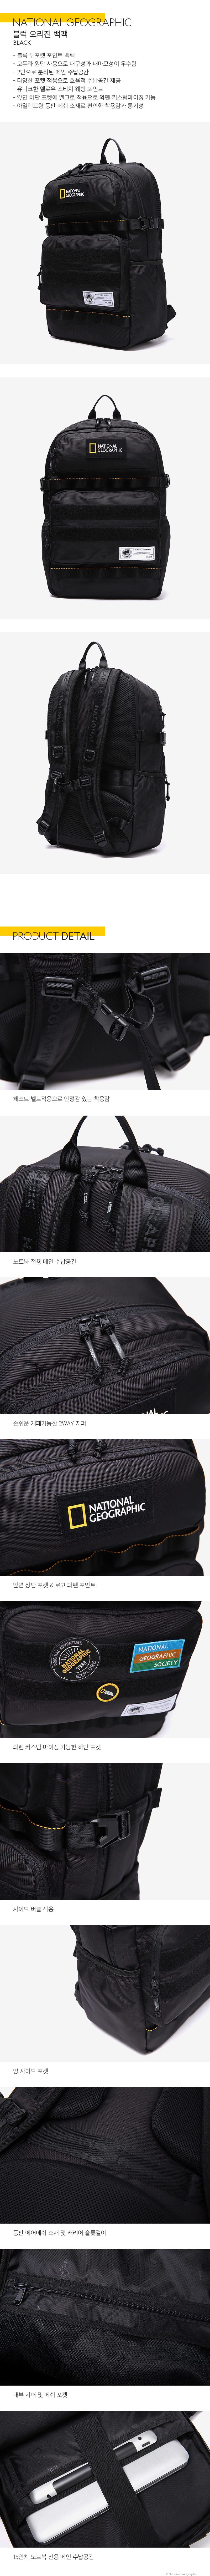 내셔널지오그래픽(NATIONALGEOGRAPHIC) 가방 N211ABG080 블럭 오리진 백팩 BLACK